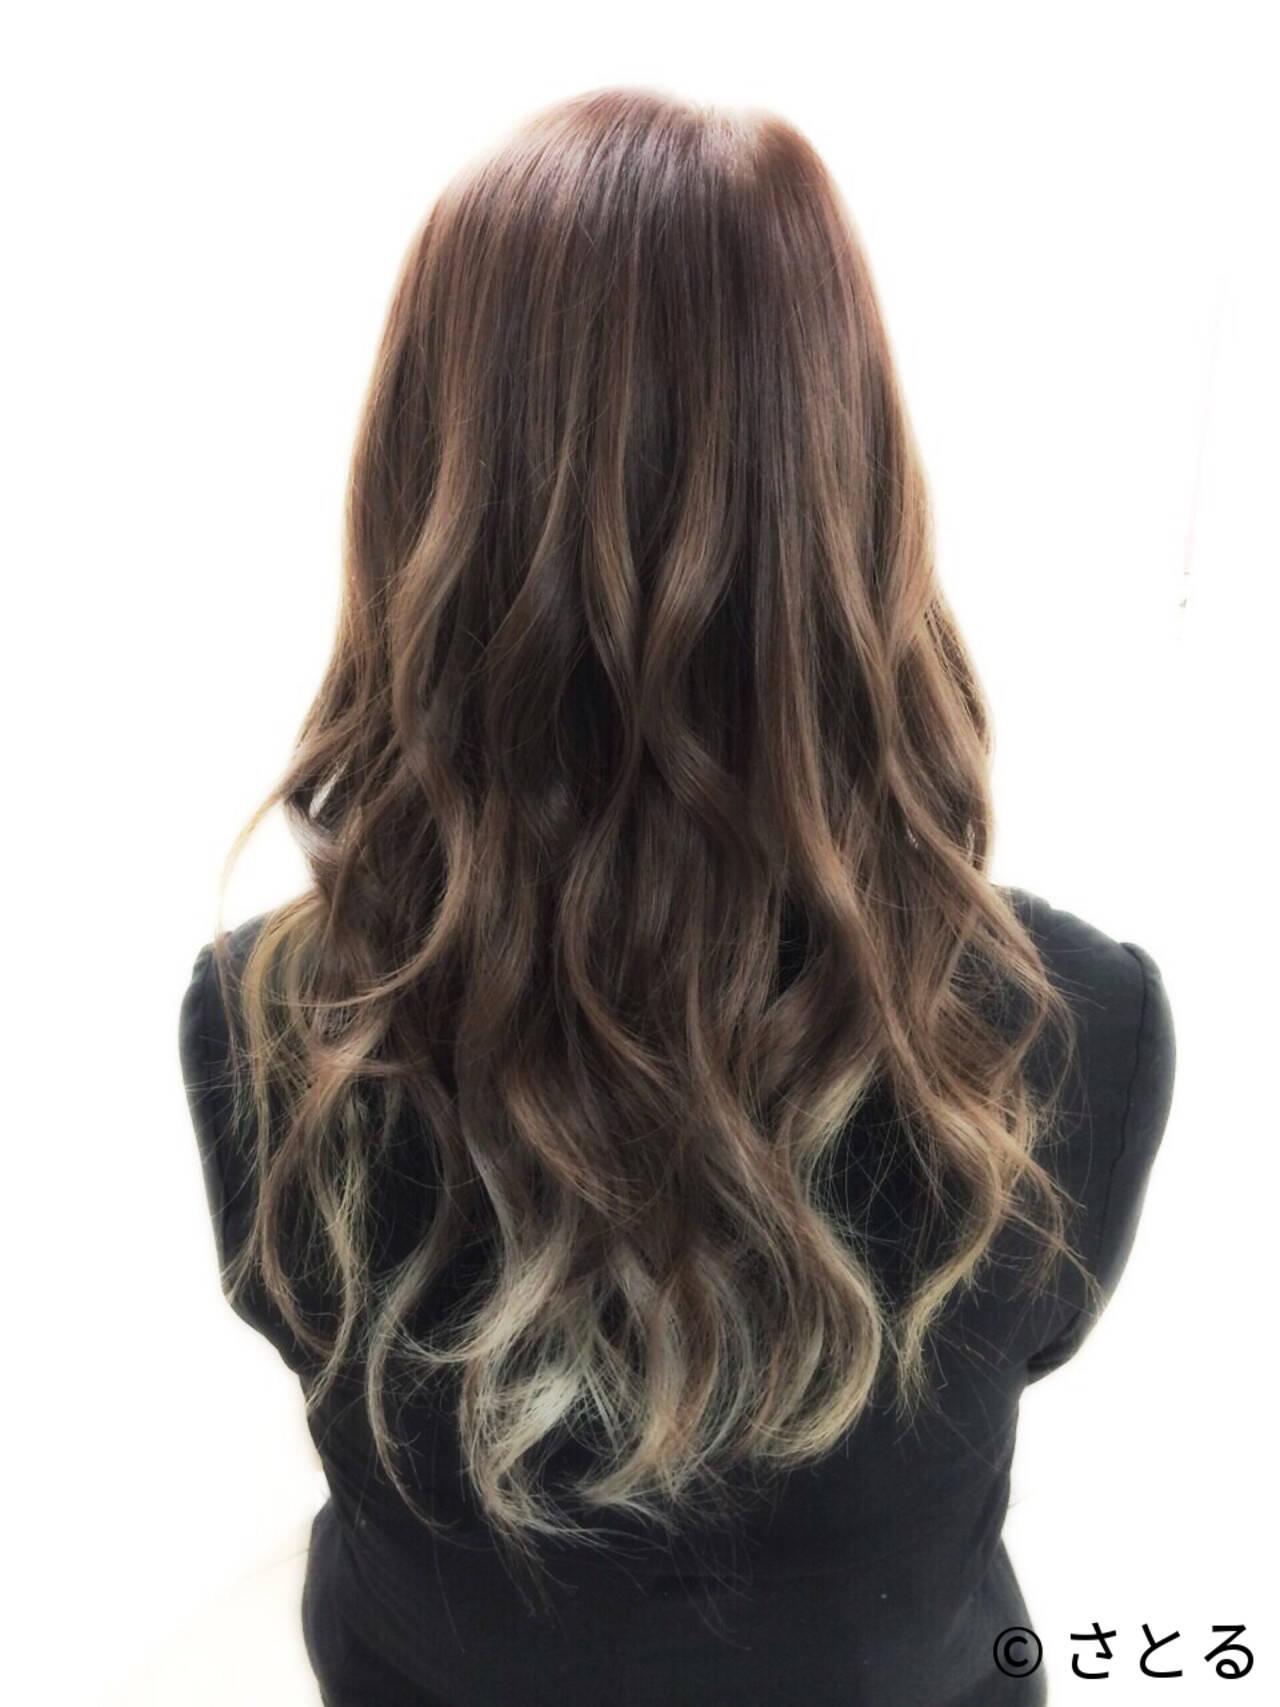 外国人風 グラデーションカラー ナチュラル インナーカラーヘアスタイルや髪型の写真・画像